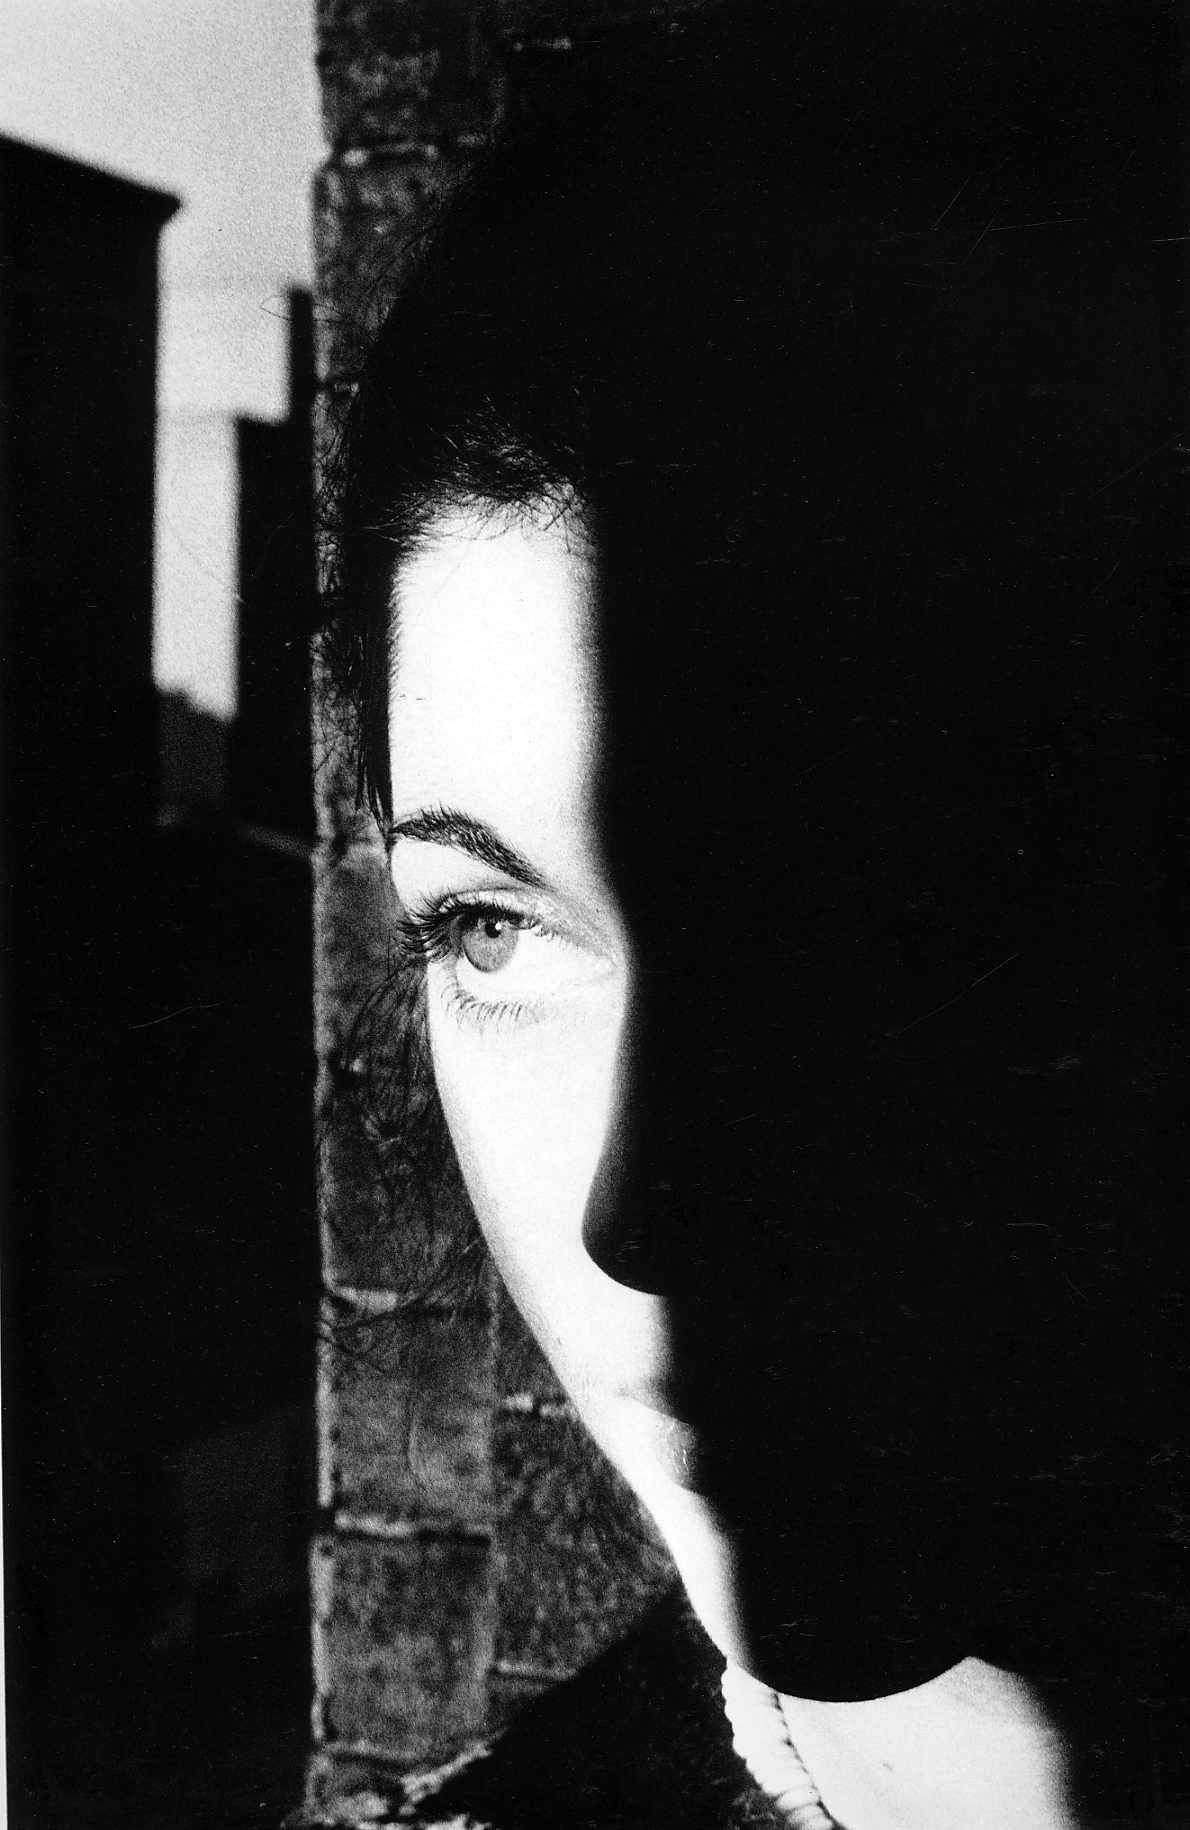 Ralph Gibson | Fotografía de sombra, Ralph gibson, Fotografía retratos